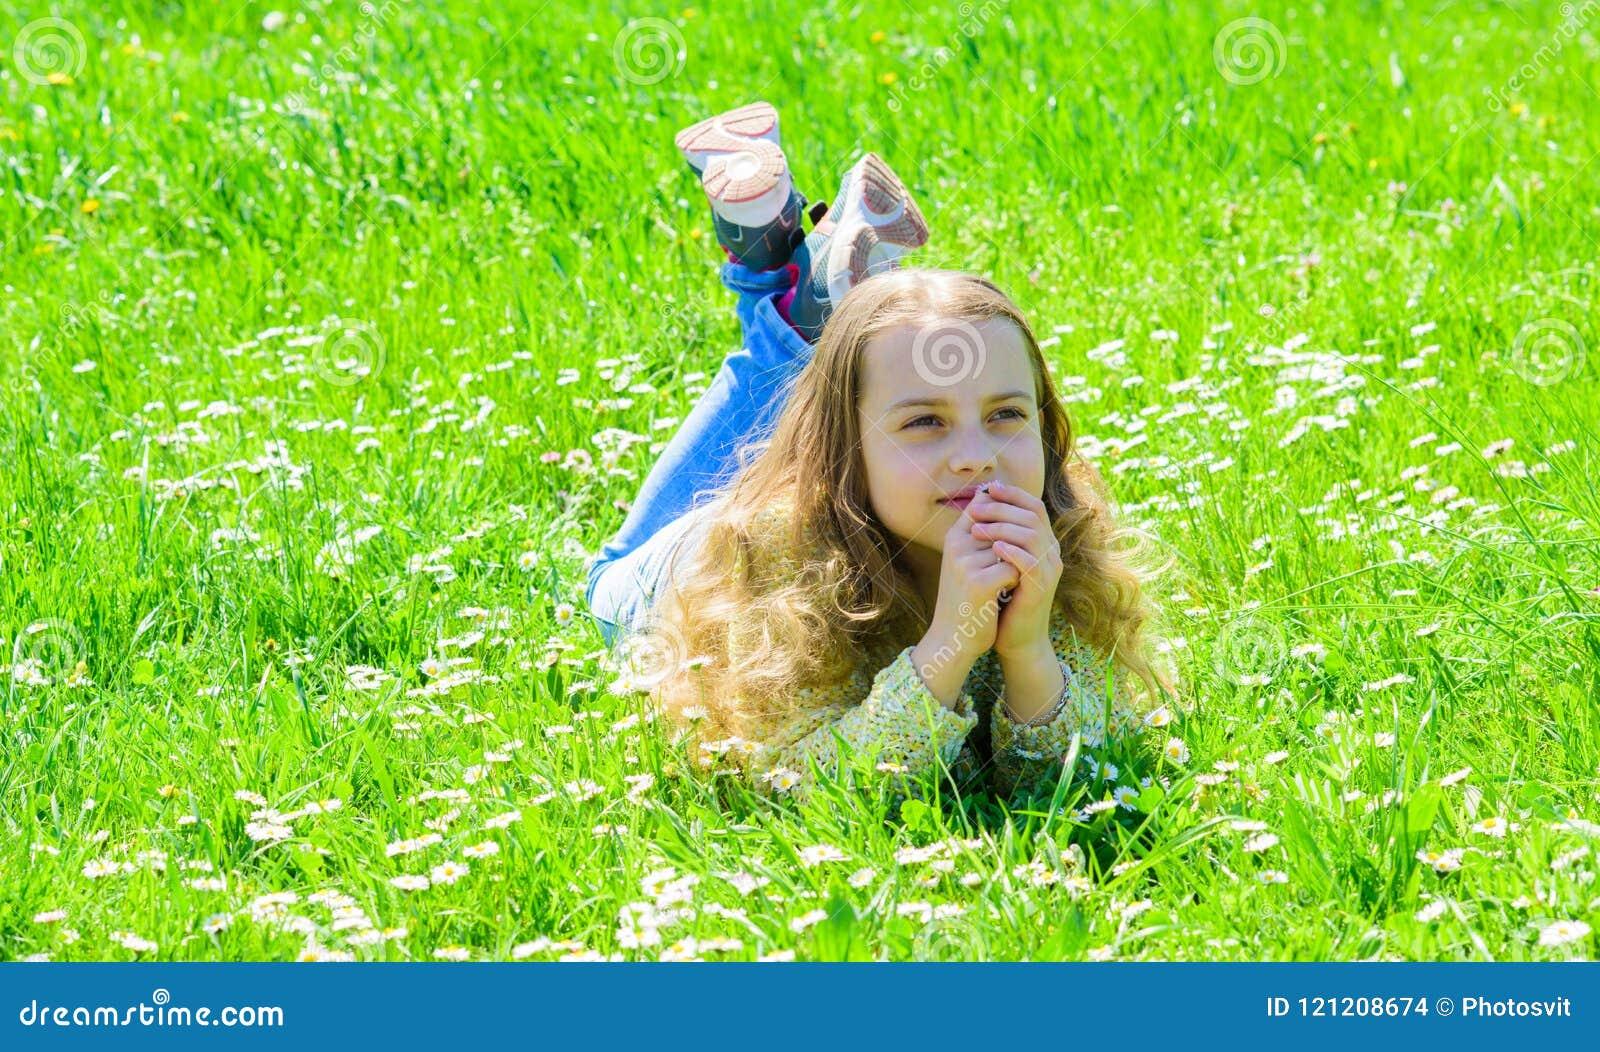 Fred och stillsamt begrepp Flickan på hoppfull drömlik framsida spenderar fritid utomhus Barnet tycker om soligt väder för våren